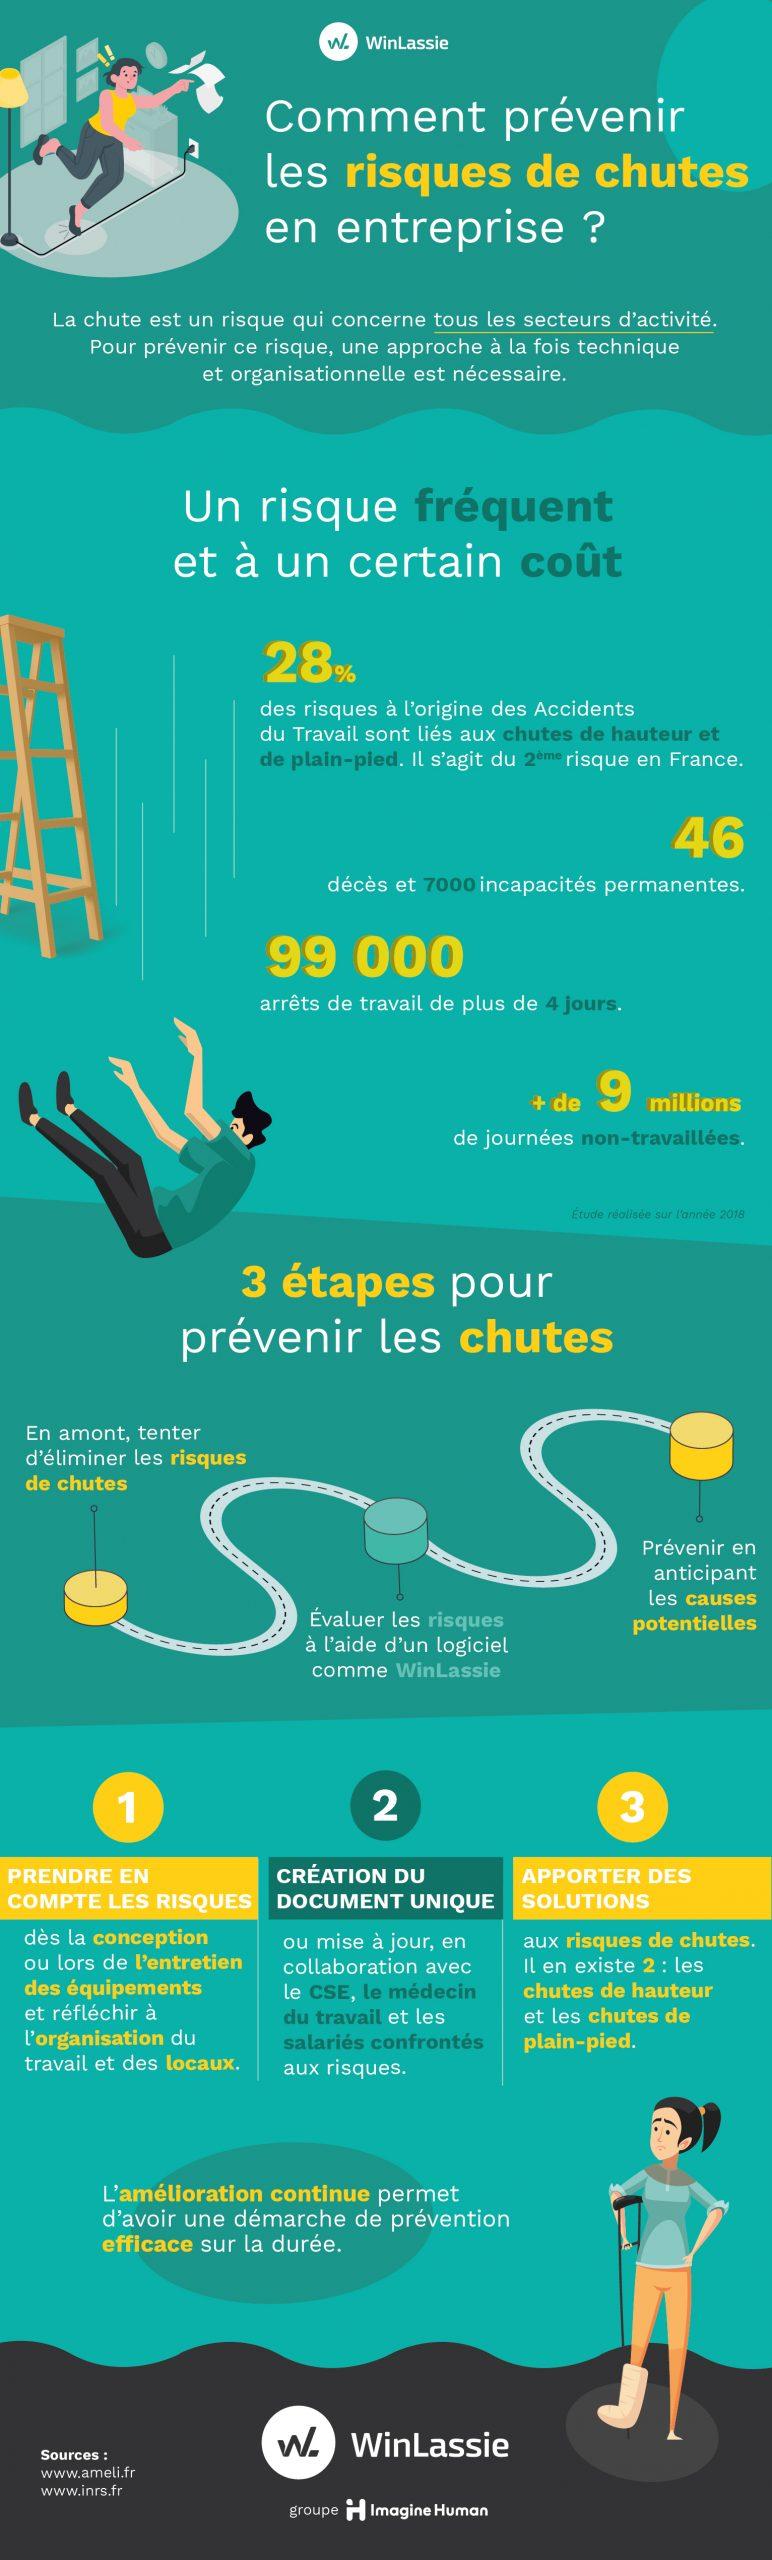 Infographie Risques de chutes